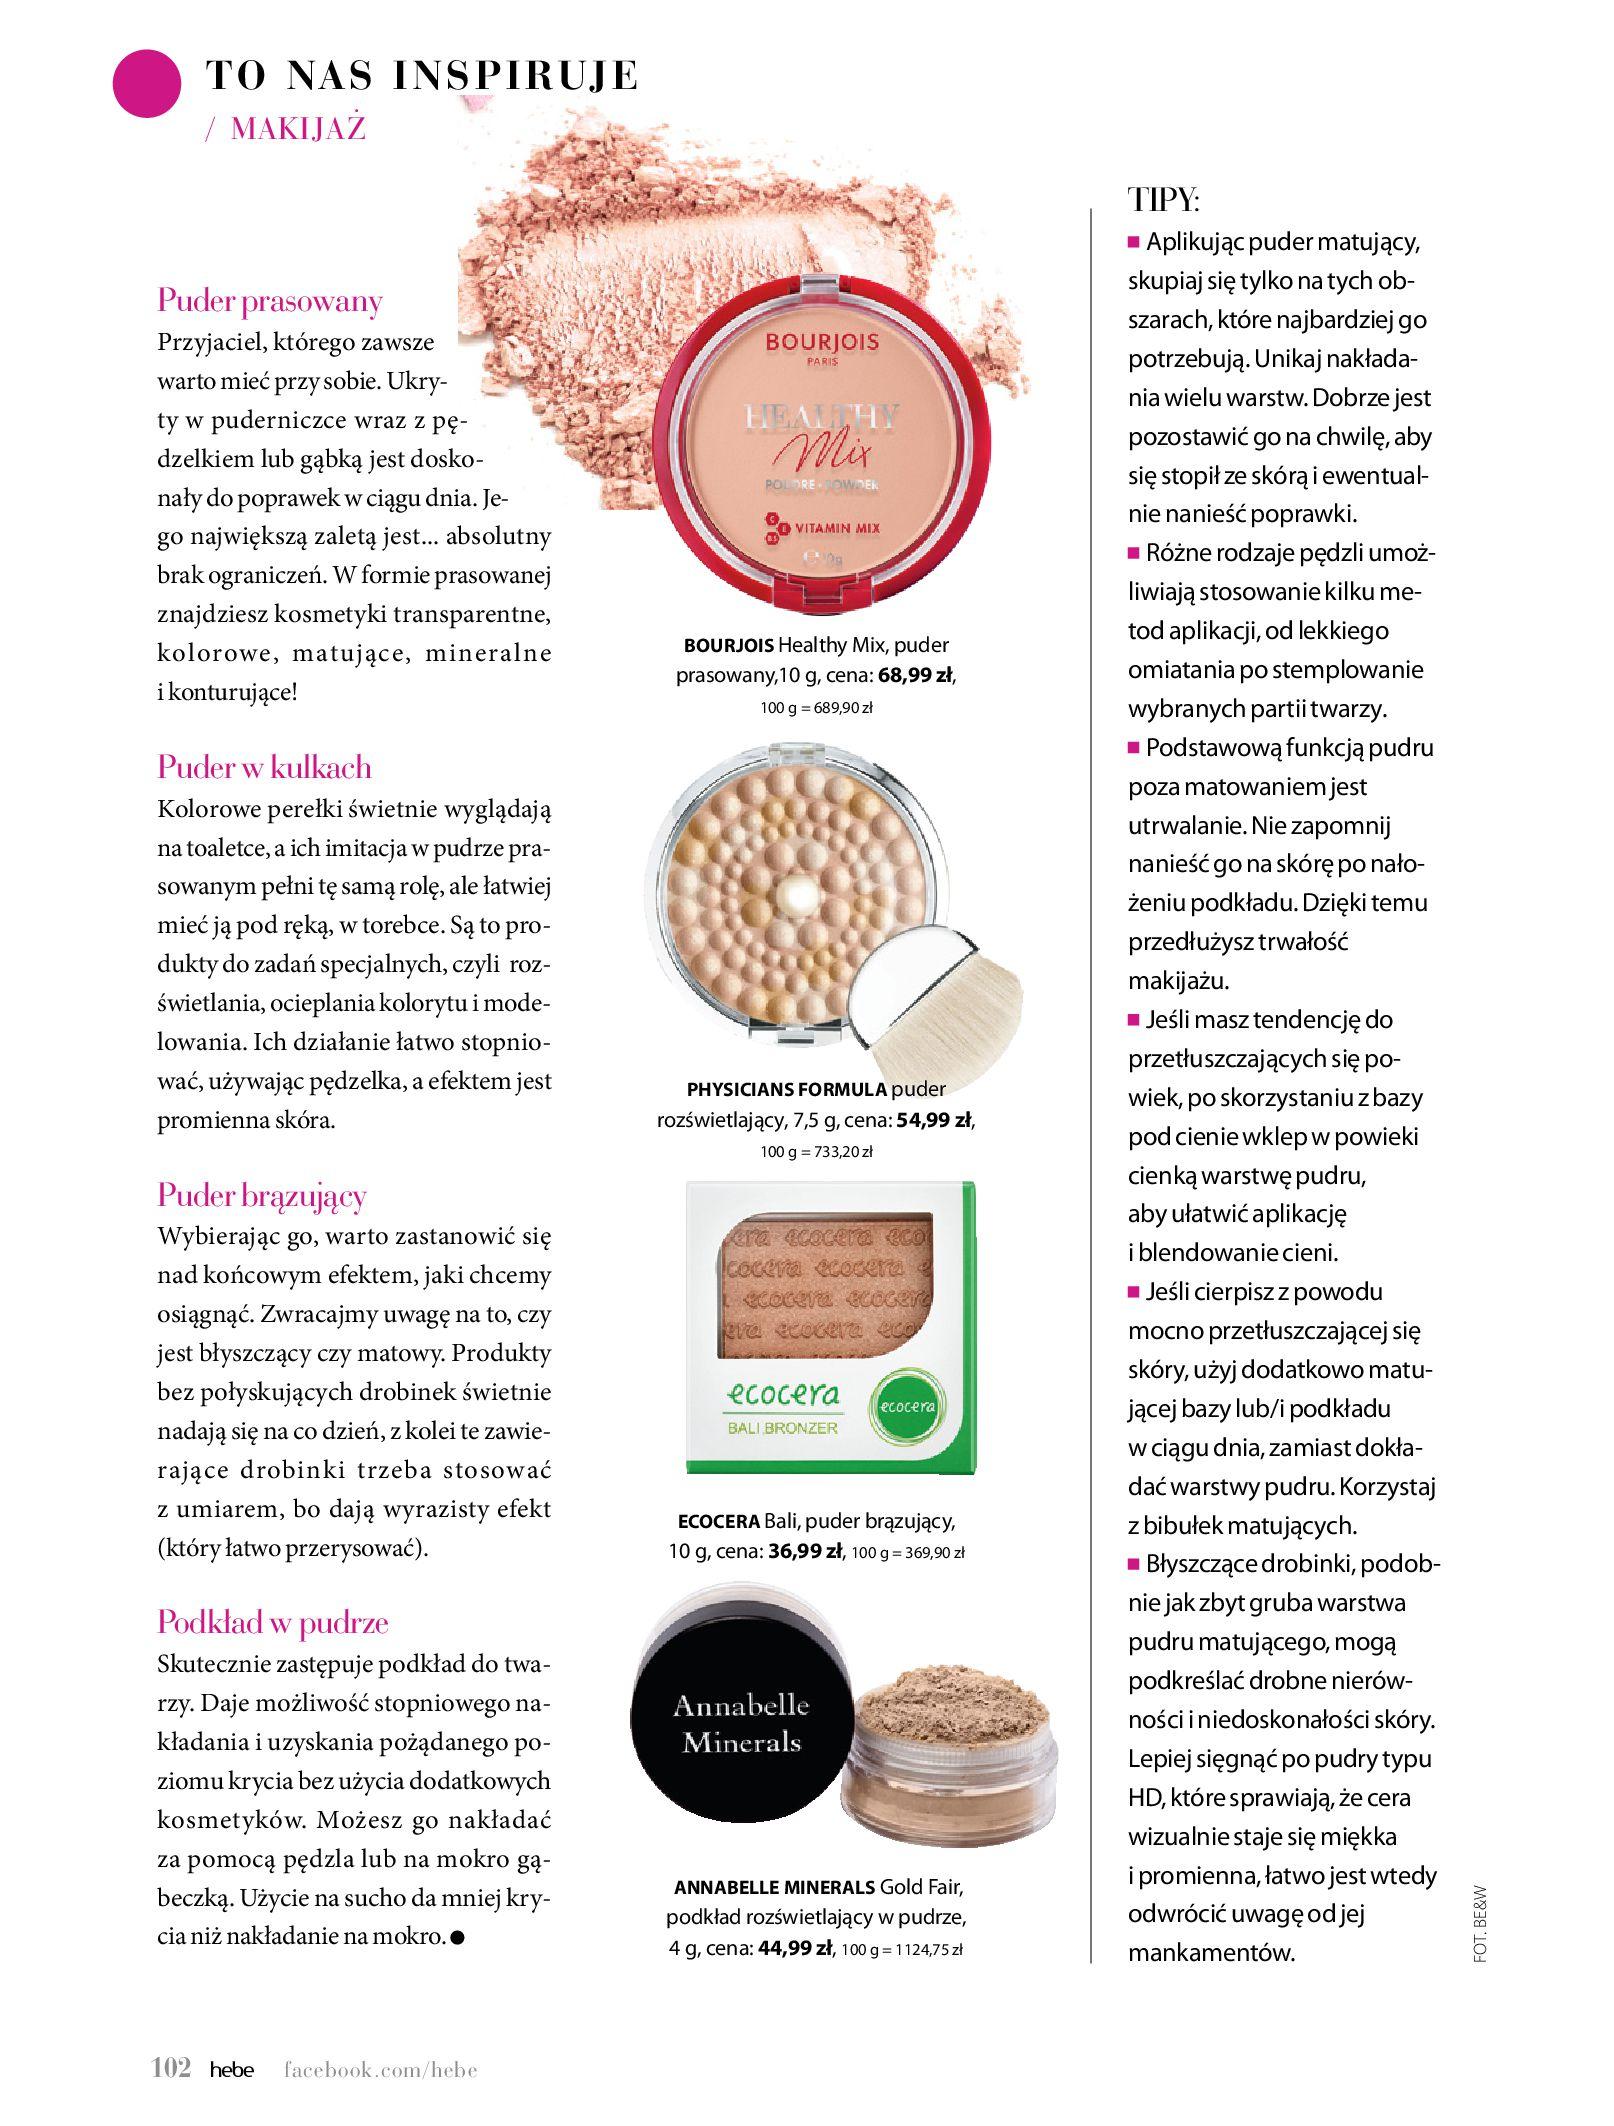 Gazetka hebe: Magazyn hebe 2021-03-11 page-102